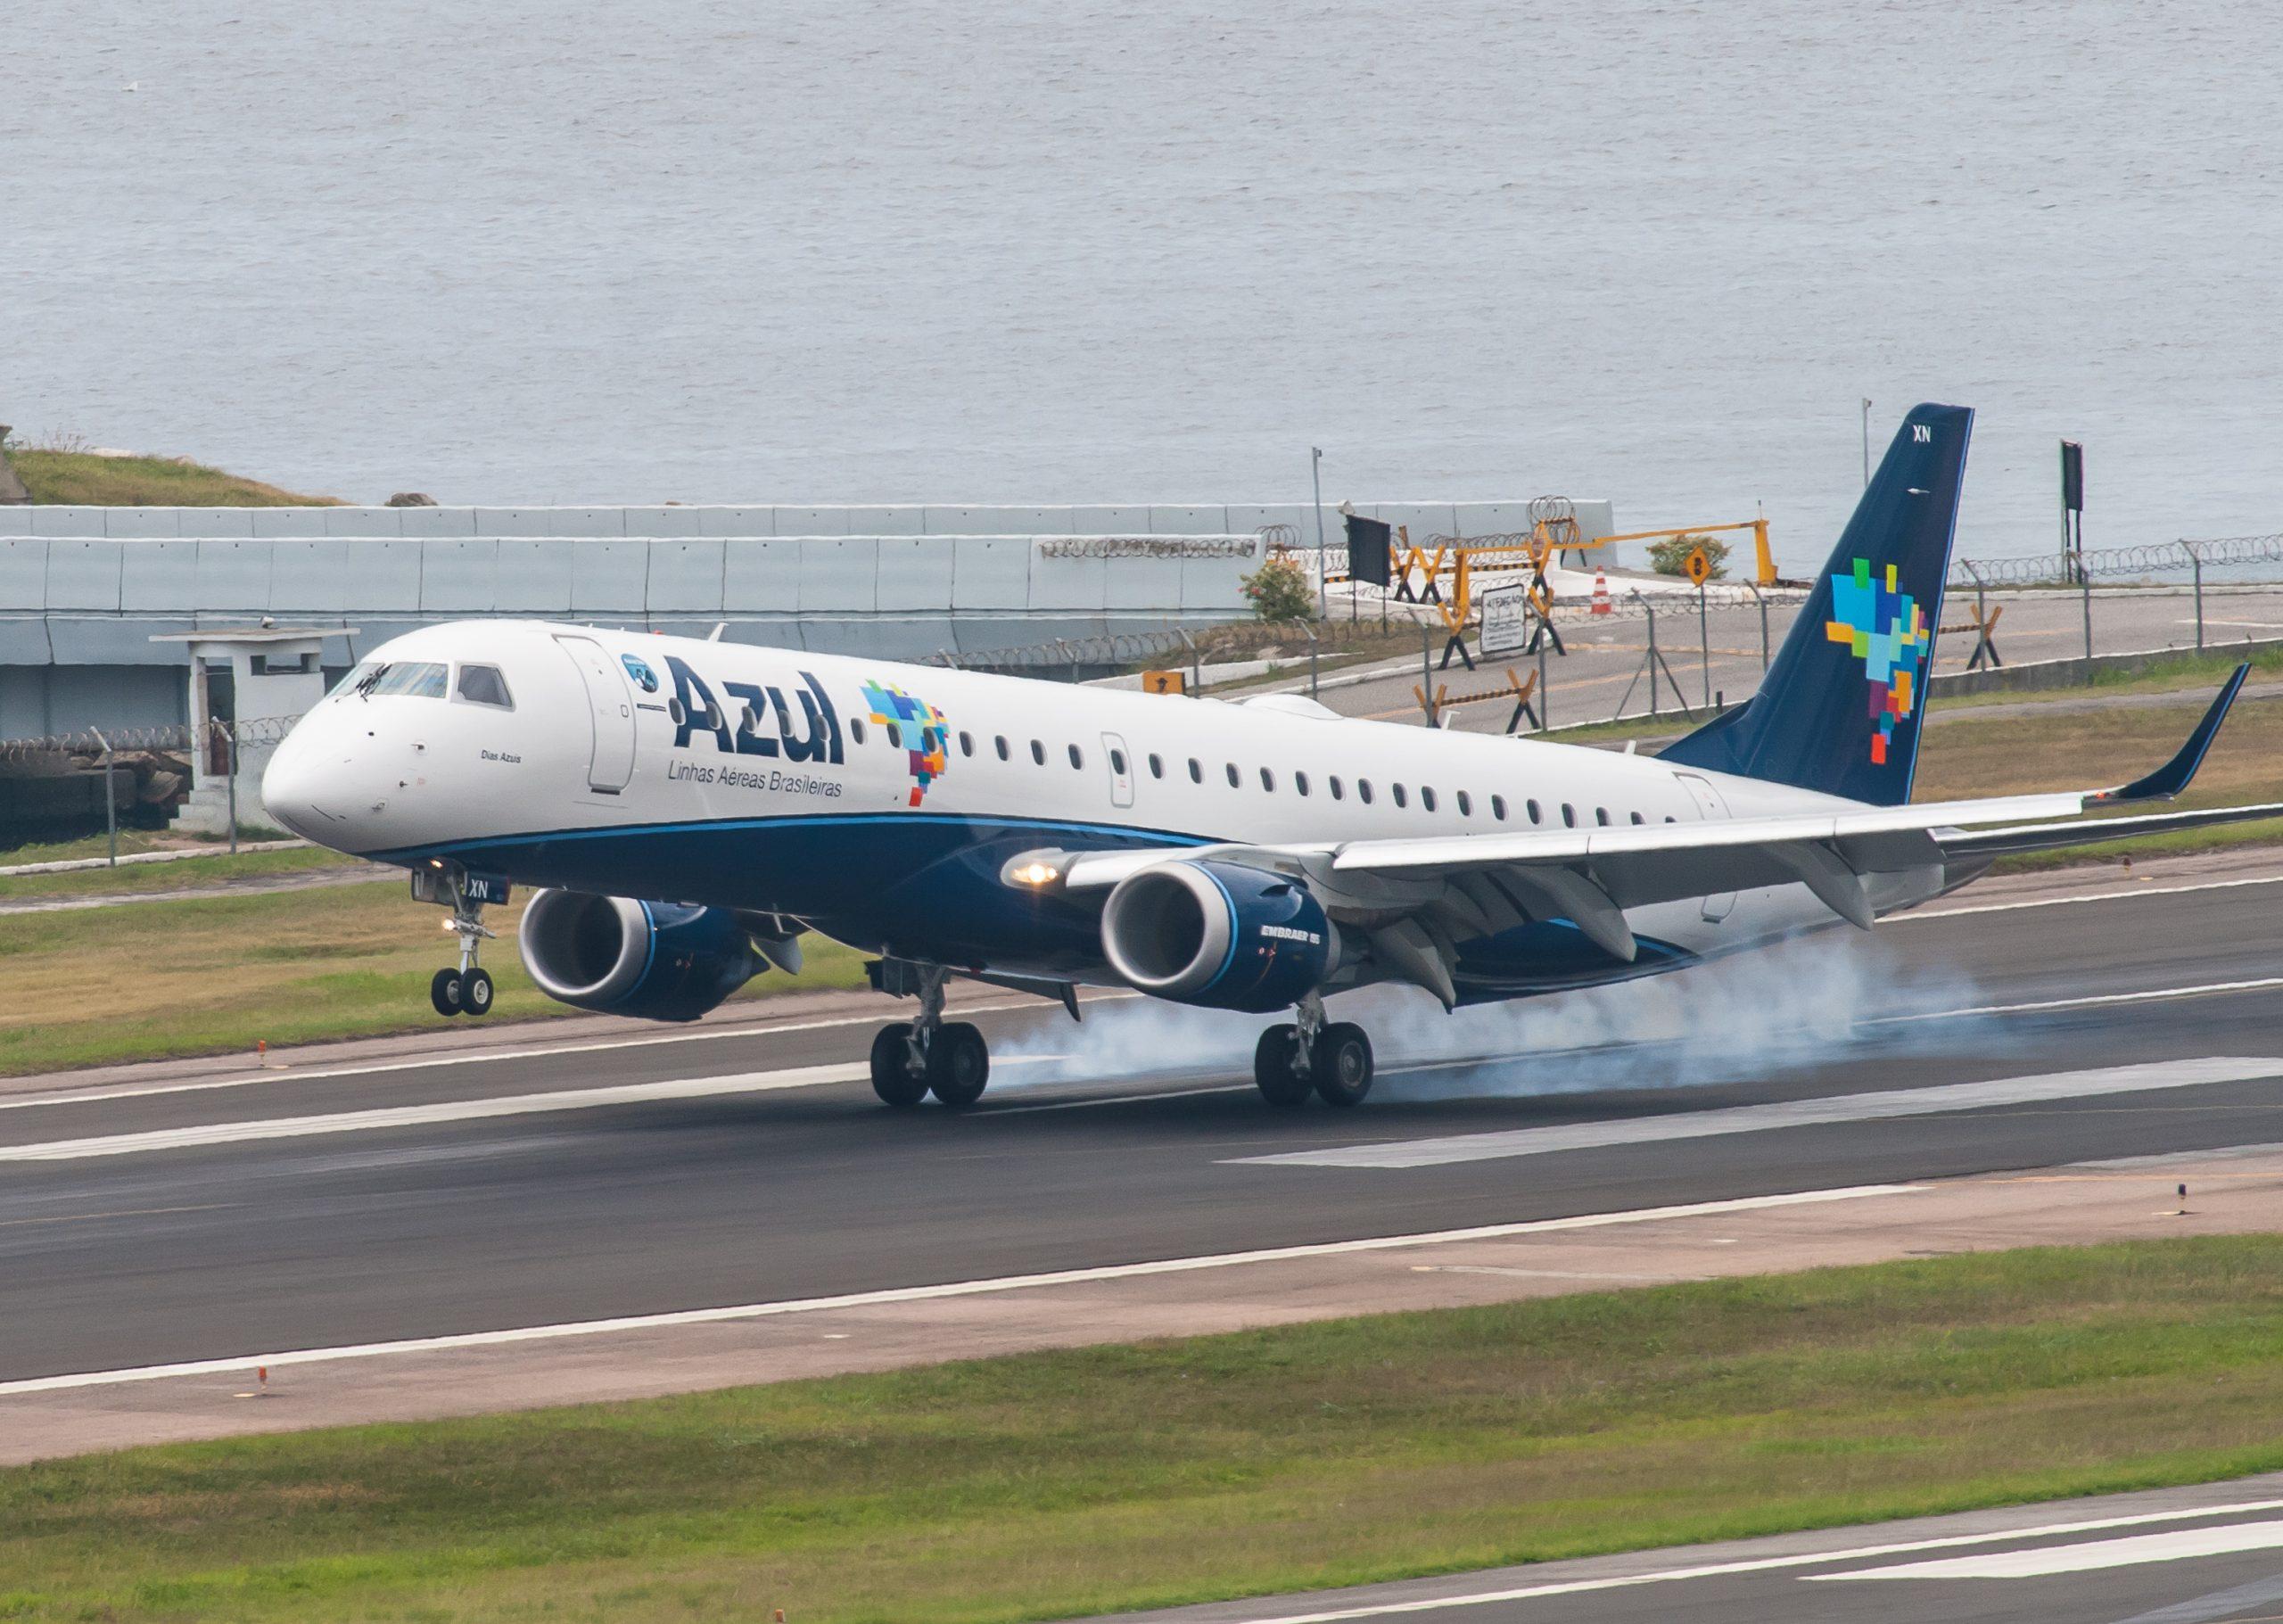 En Embraer 195 fra det brasilianske flyselskab Azul. Foto: Joao Carlos Medau, CC 2.0